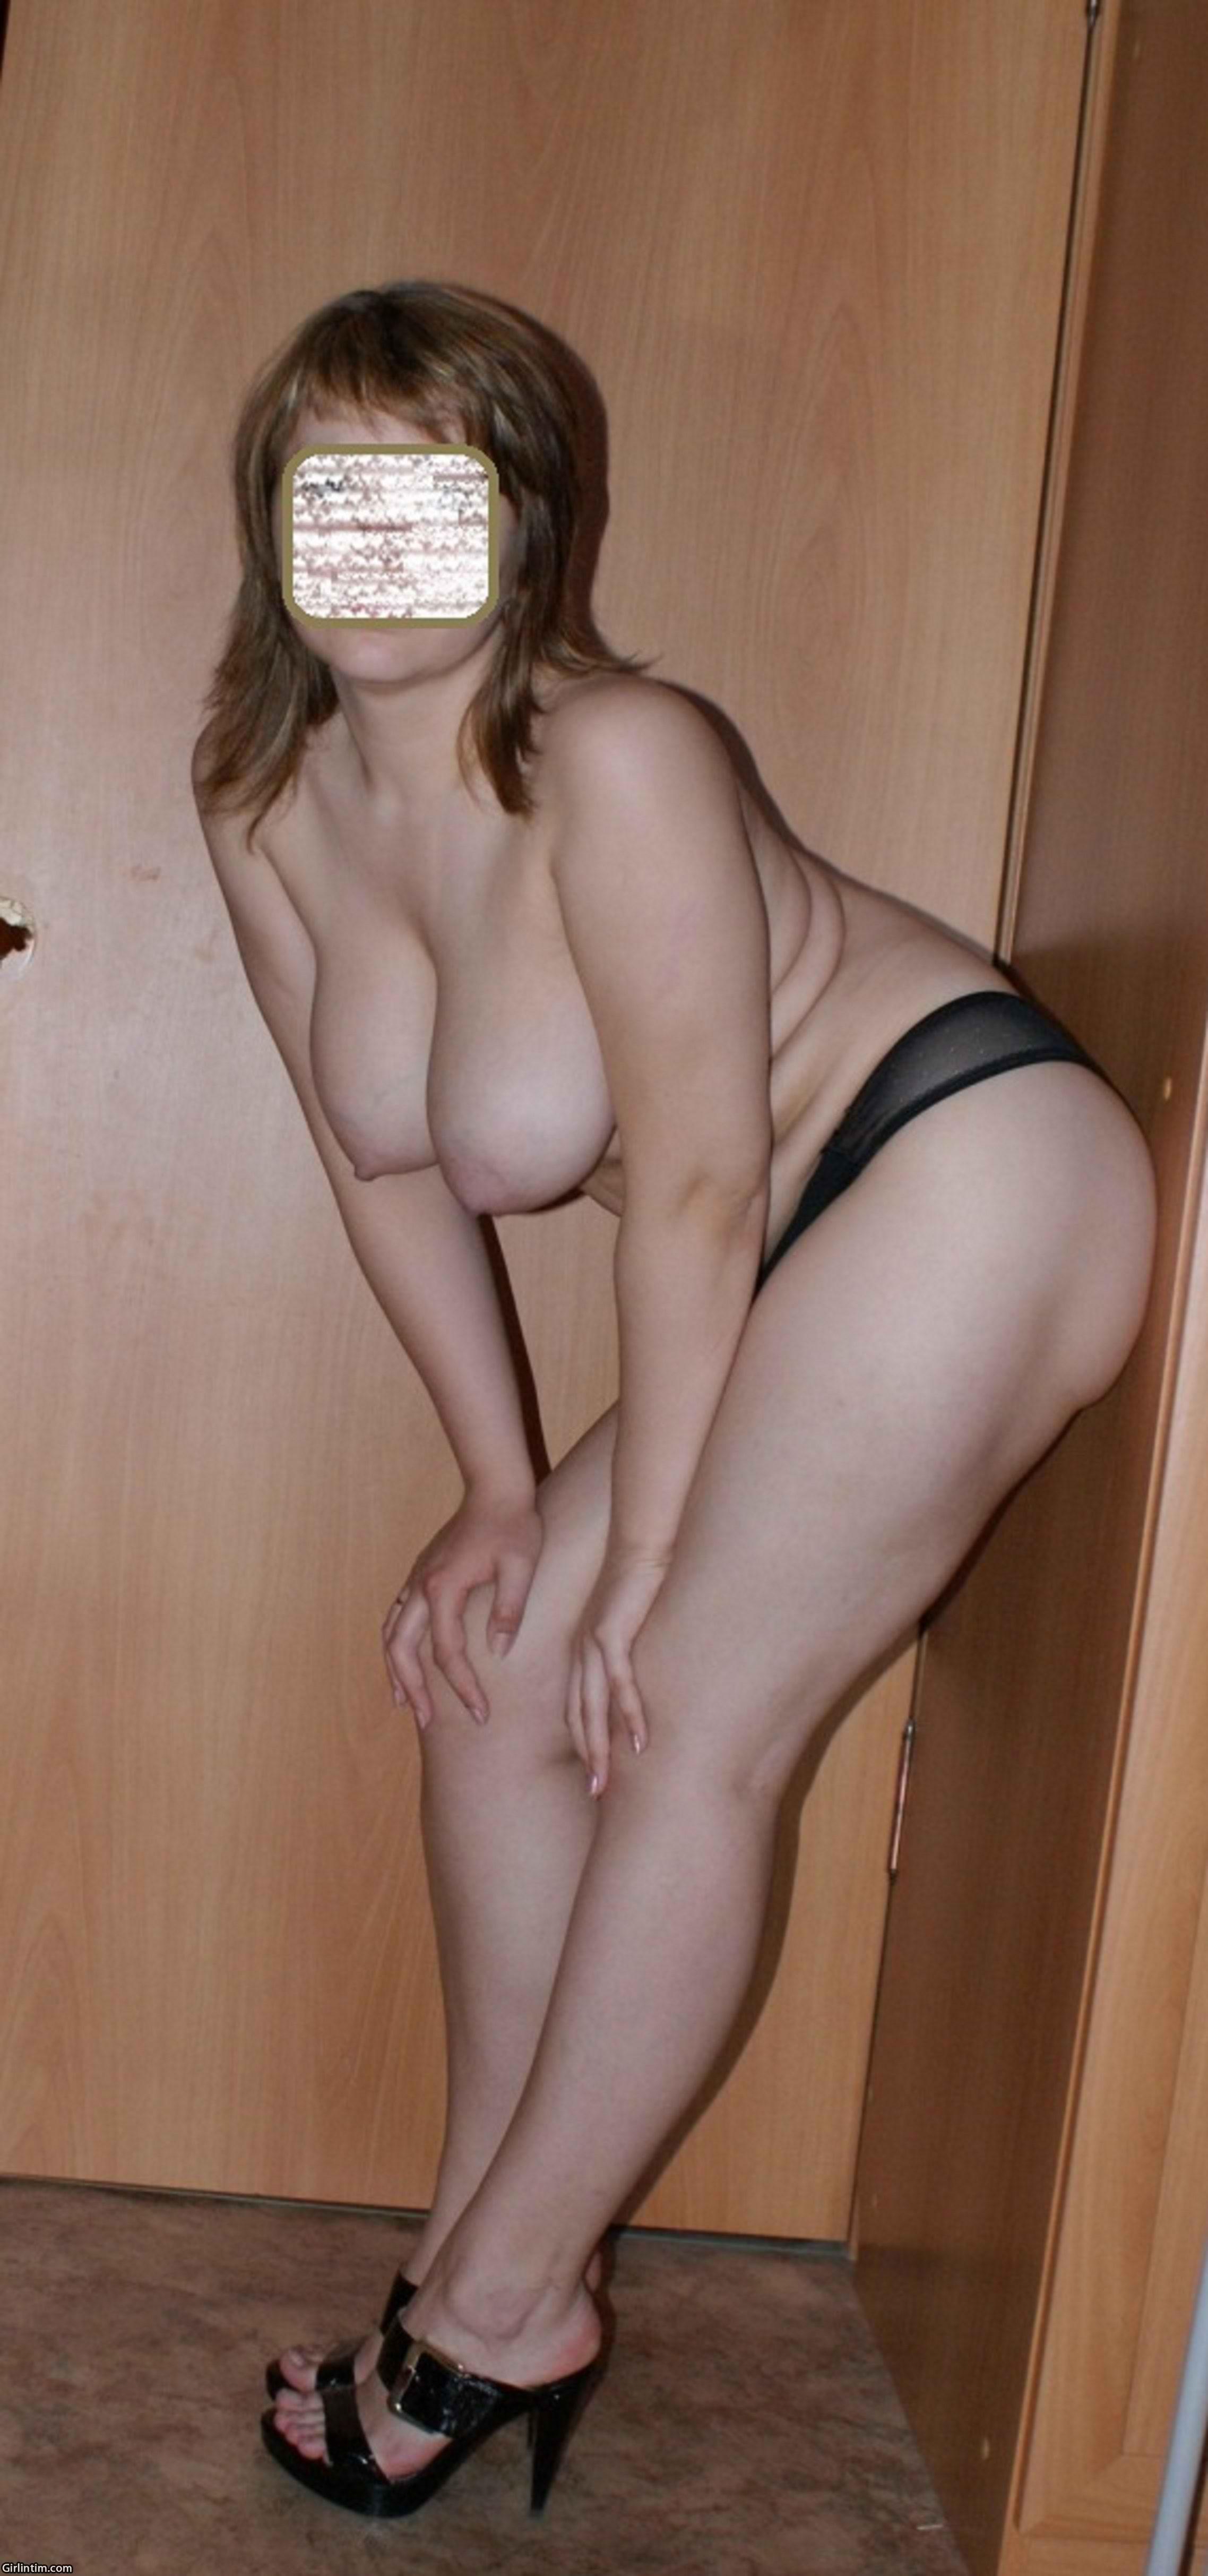 Секс индивидуалки в нижнем новгороде 13 фотография